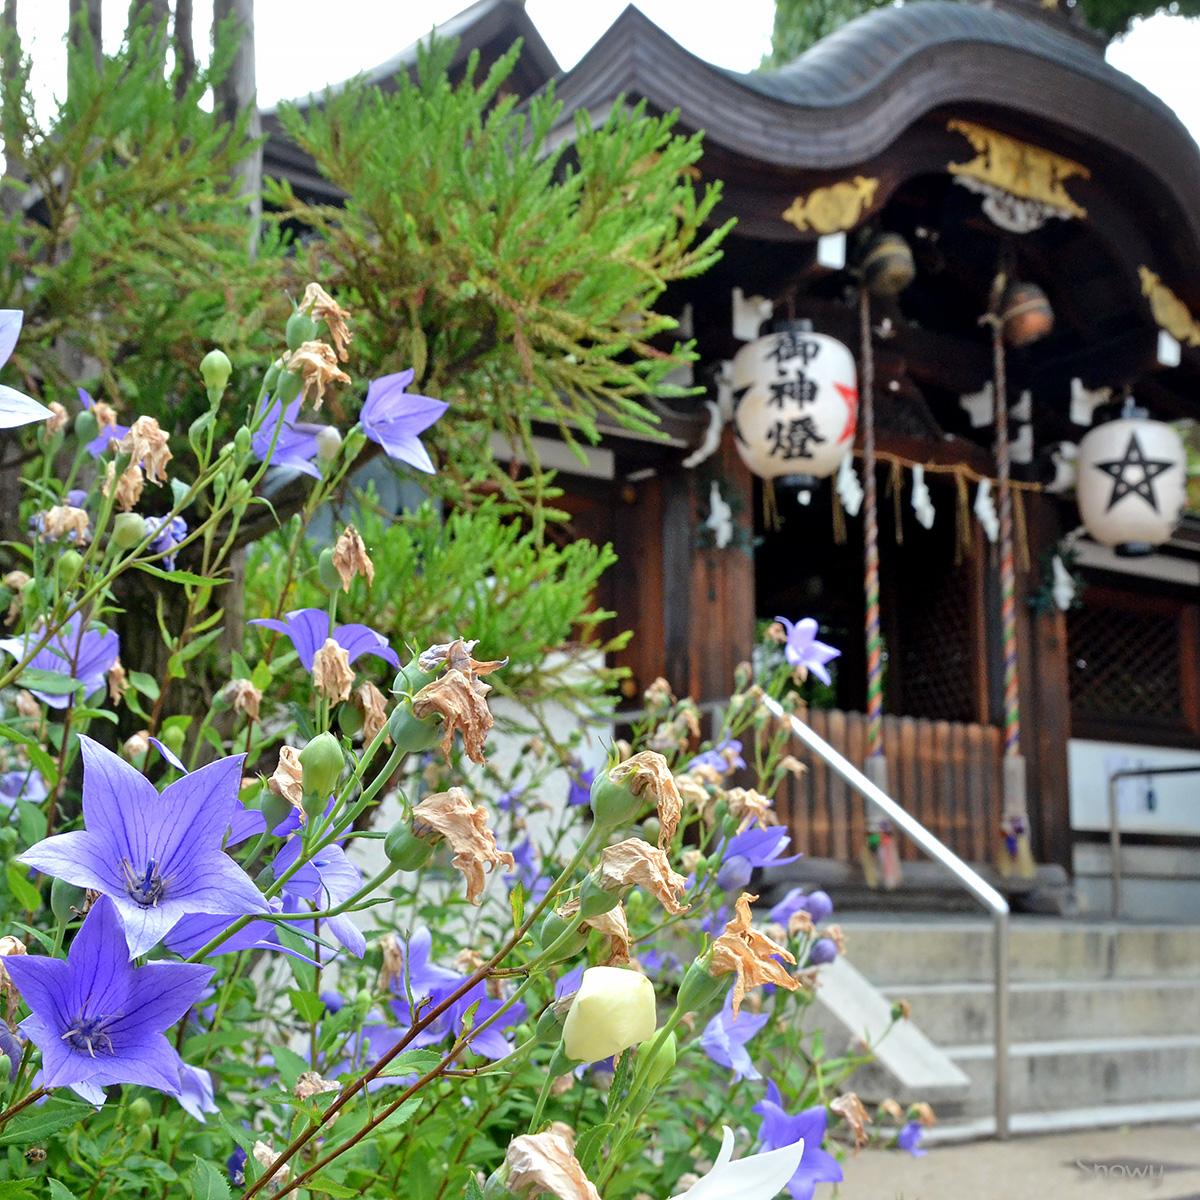 晴明神社 2014-07-17